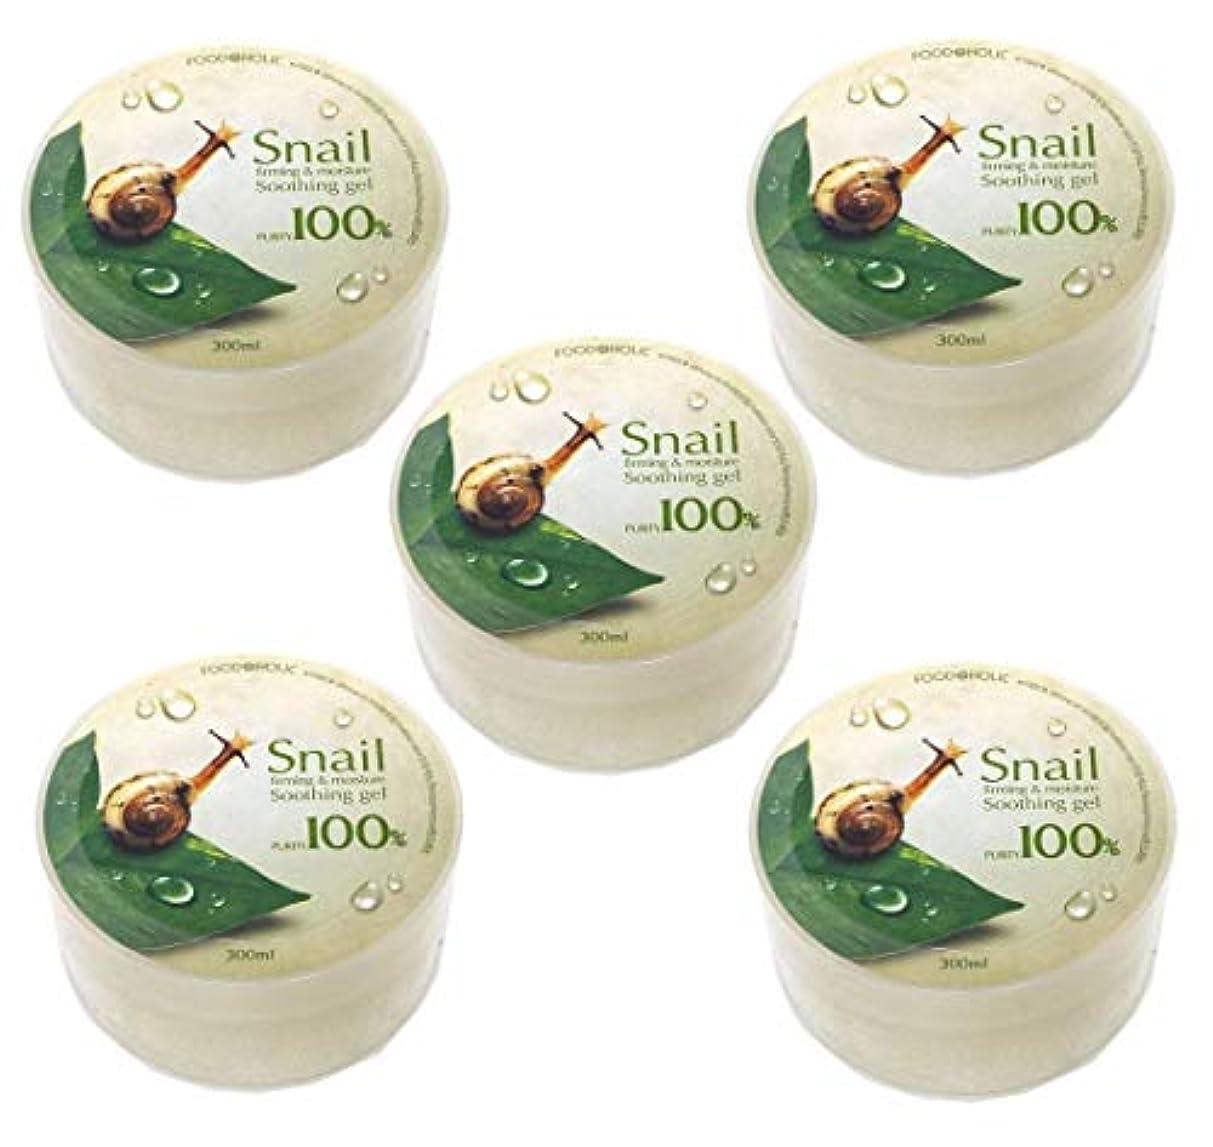 段階プレーヤー証人[Food A Holic] スネイルファーミング&水分スージングジェル300ml X 5ea / Snail Firming & moisture Soothing Gel 300ml X 5ea / 純度97% /...